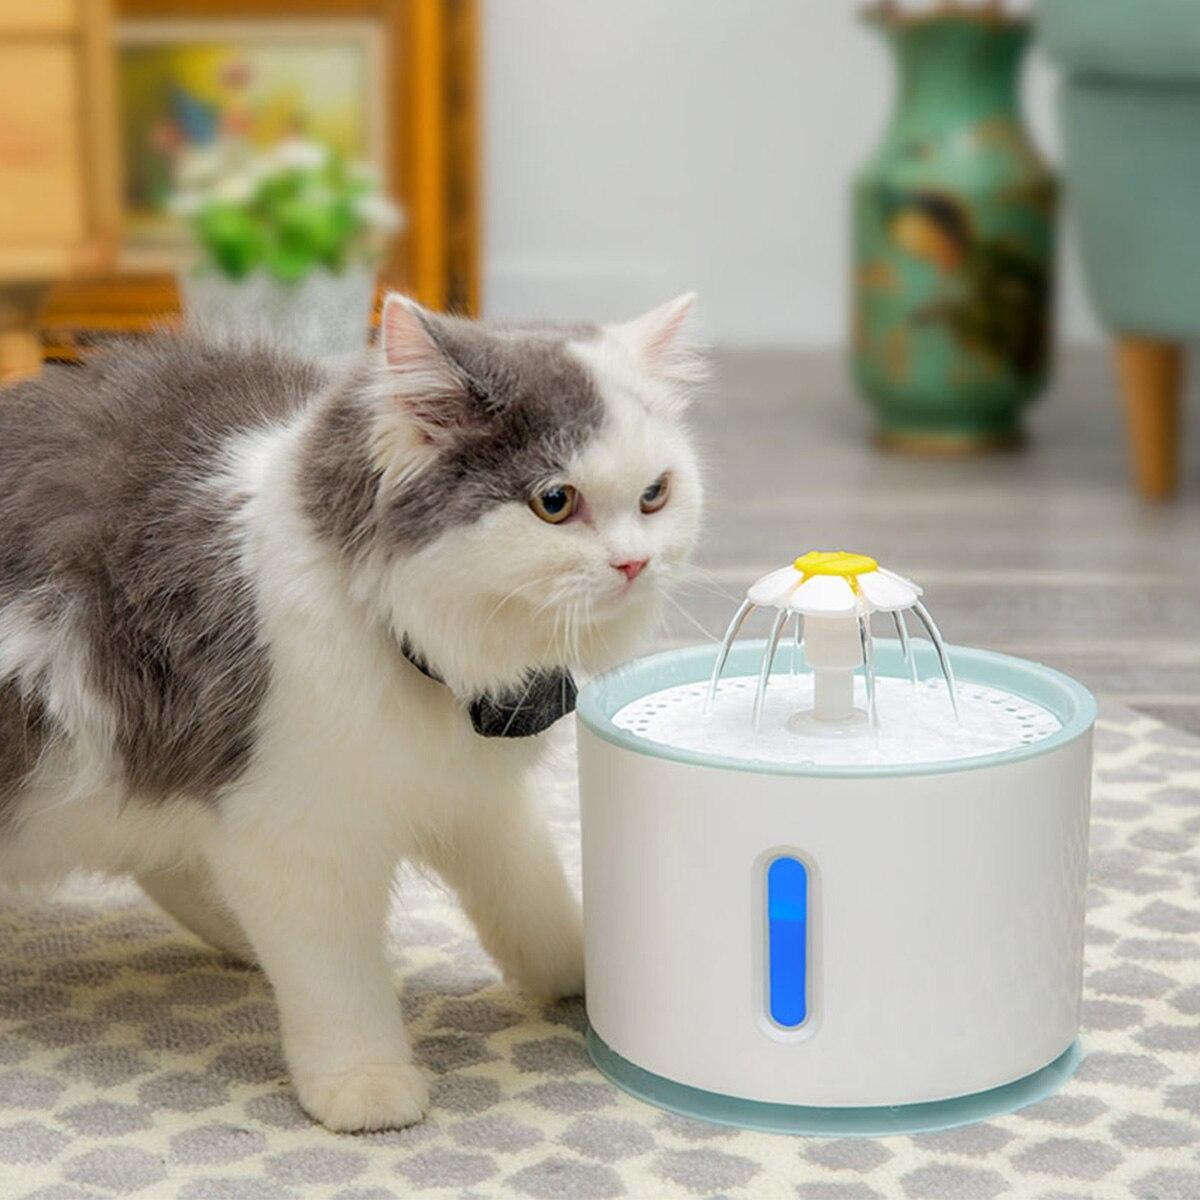 Водяной фонтан для домашних животных, сменная фильтрация, автоматический питатель, бесшумный активированный уголь л, с верхней крышкой из н...